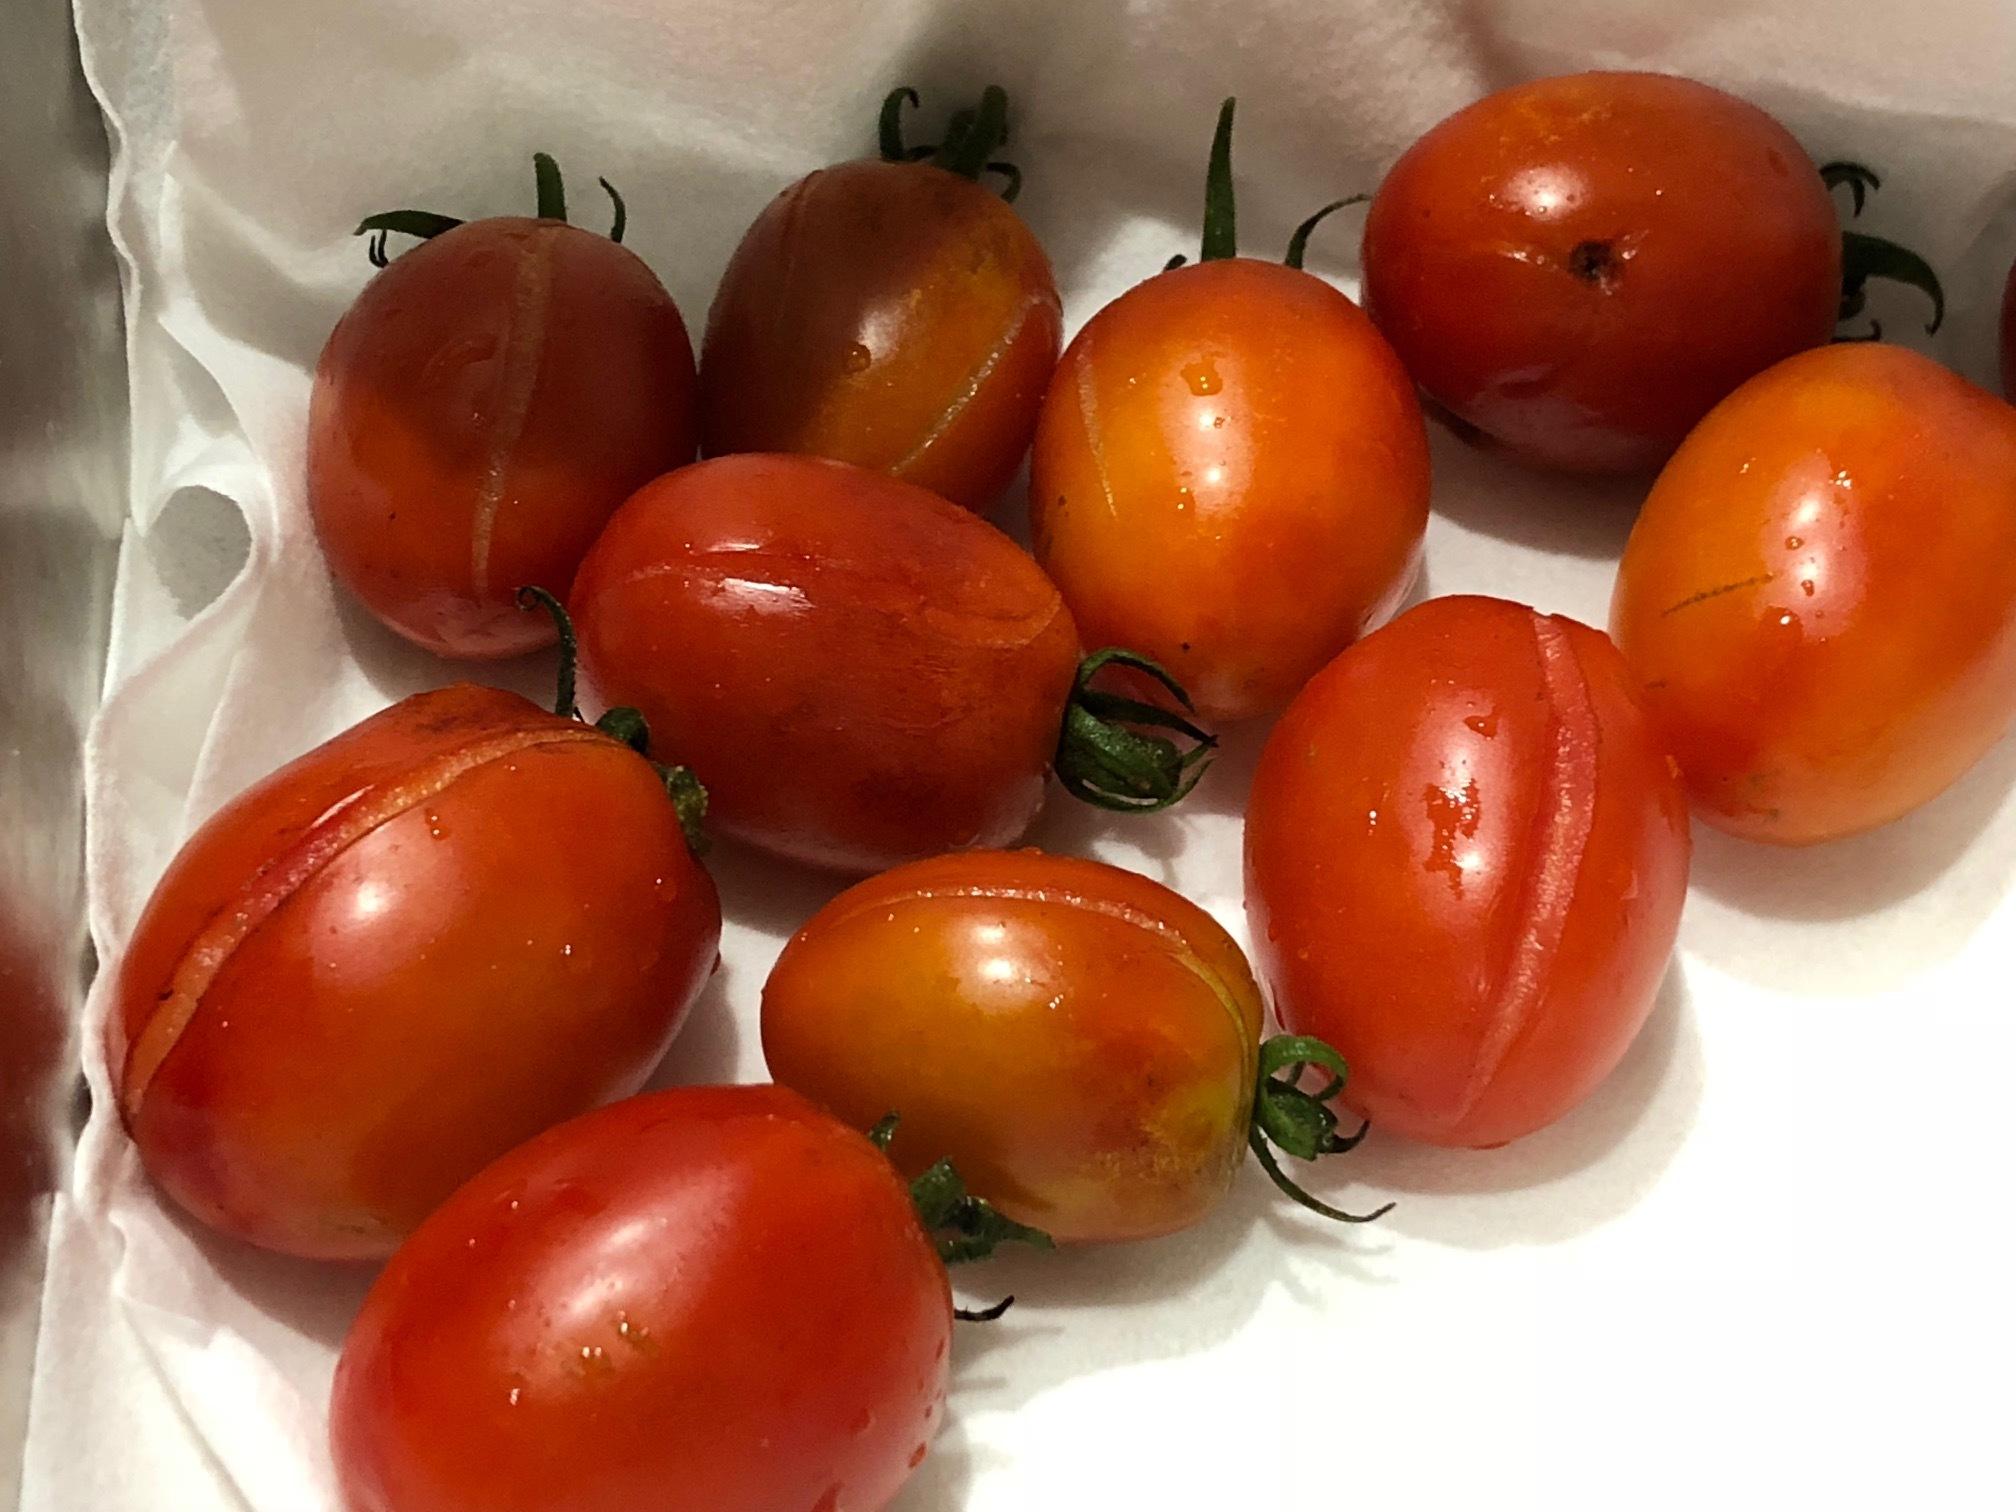 台風一過・・トマトは割れて 茄子の櫓斜めに 今朝の圃場はサウナのような状態_c0222448_11561057.jpg